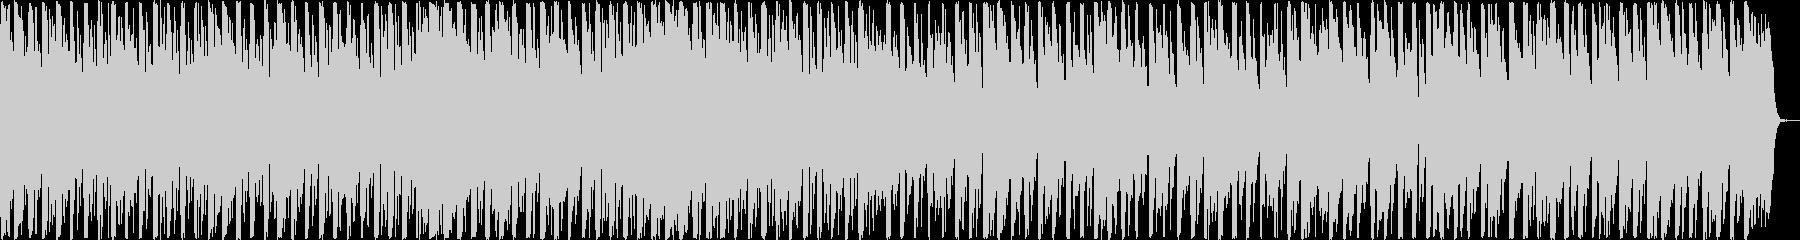 ピコピコした音がかわいいテクノポップの未再生の波形